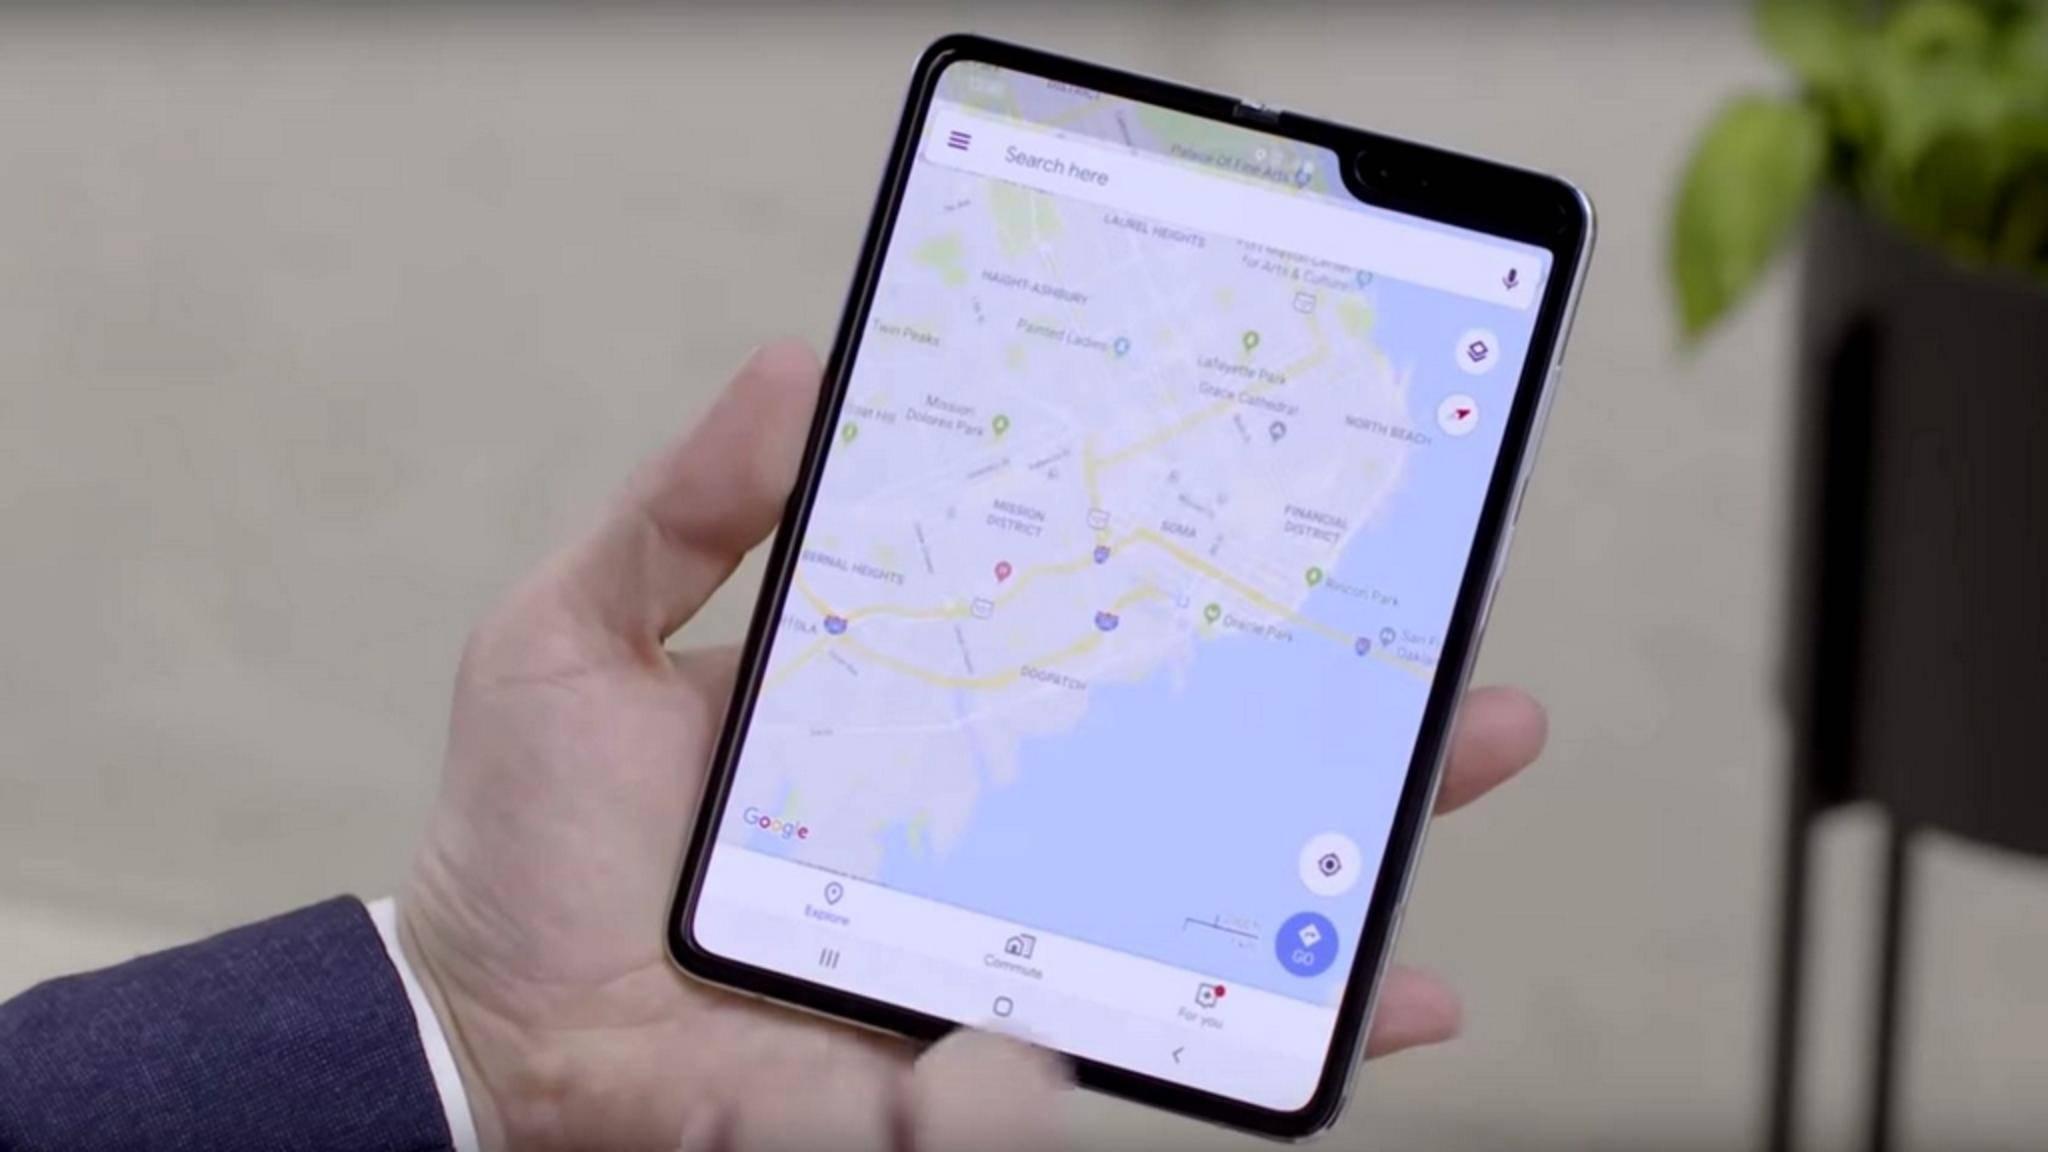 Faltbare Smartphones wie das Galaxy Fold erfordern einige Kompromisse.